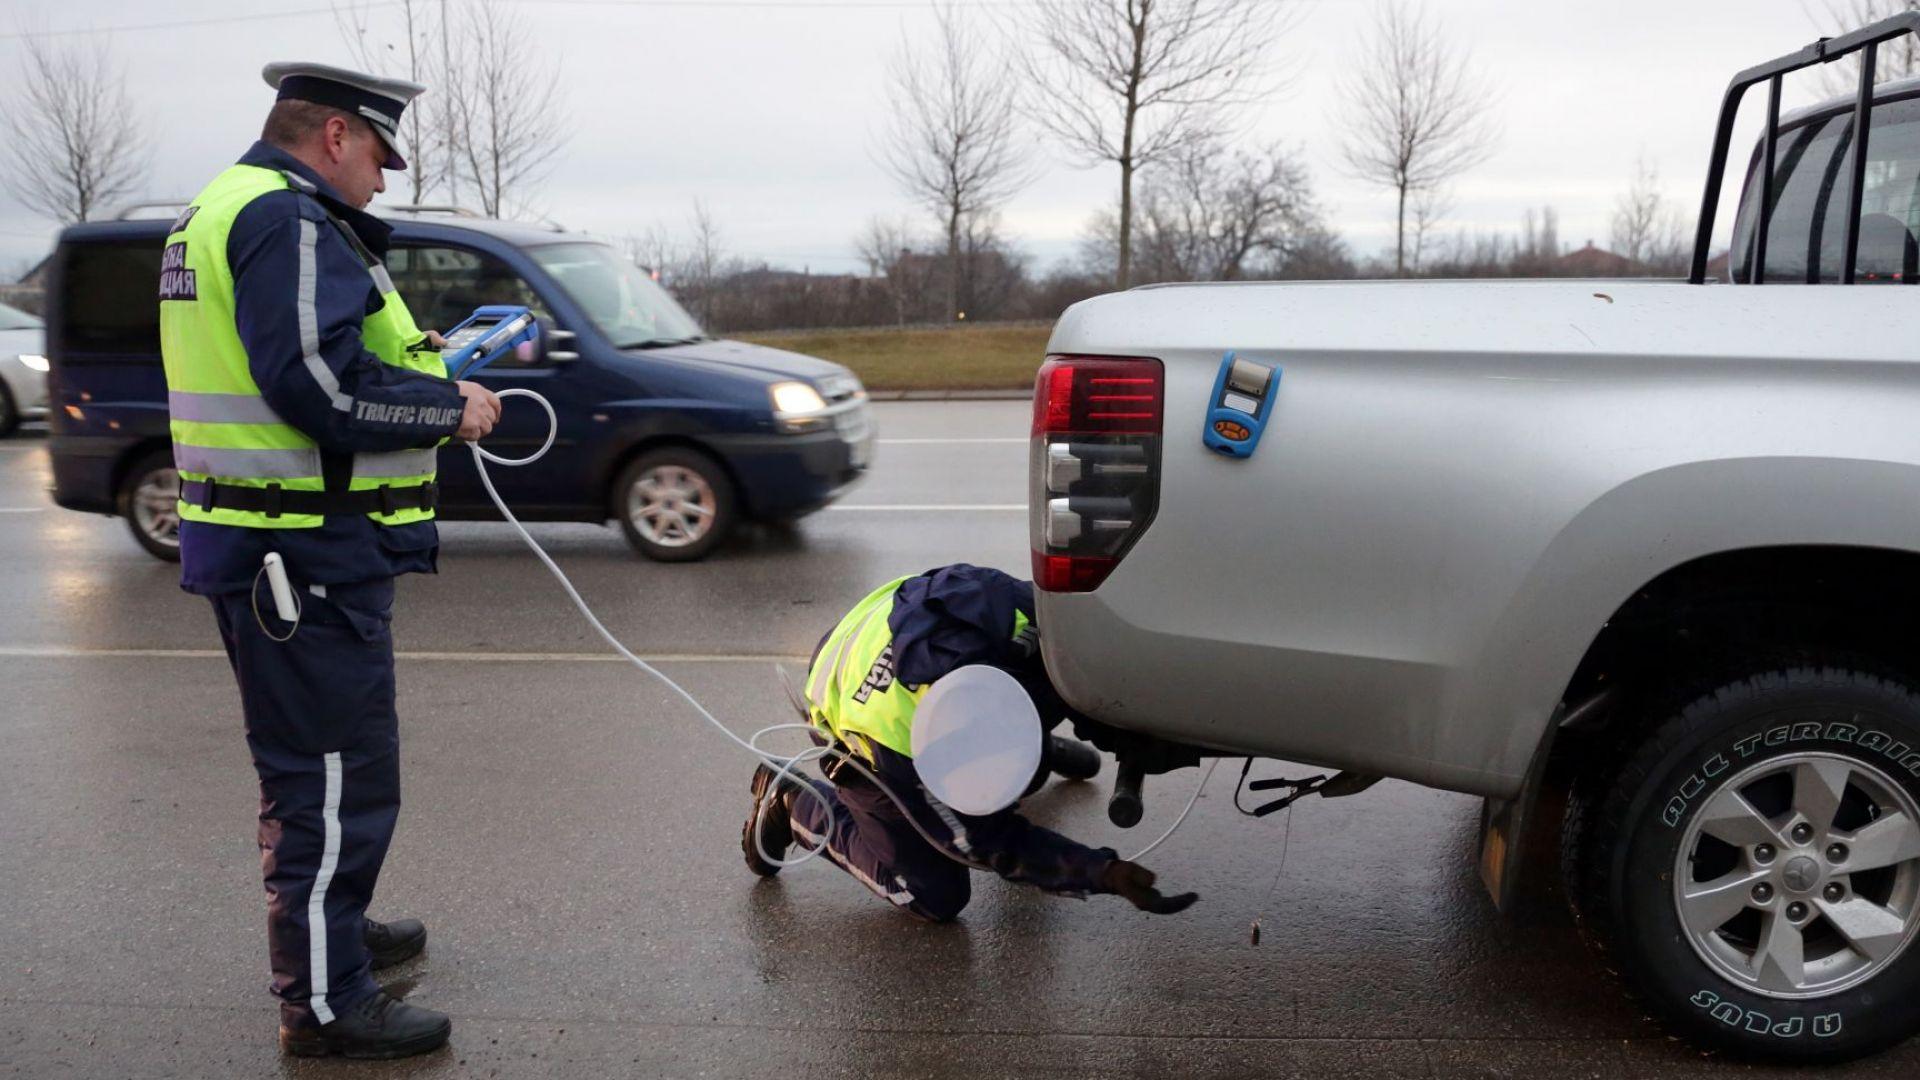 Започнаха проверки за замърсяващи автомобили в София,  ще спират най-опасните (снимки)